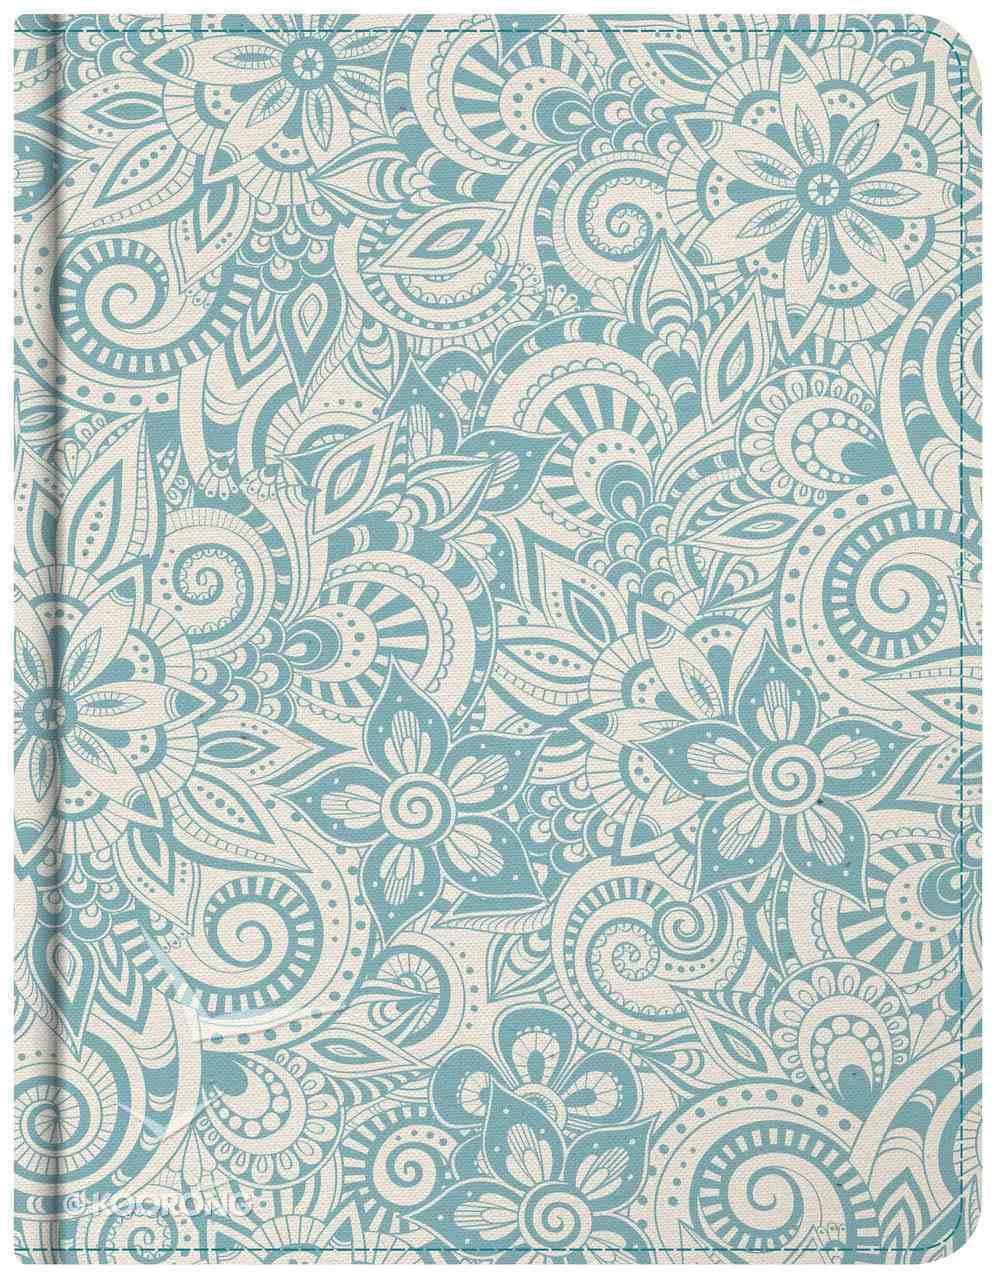 KJV Notetaking Bible Blue Floral Bonded Leather